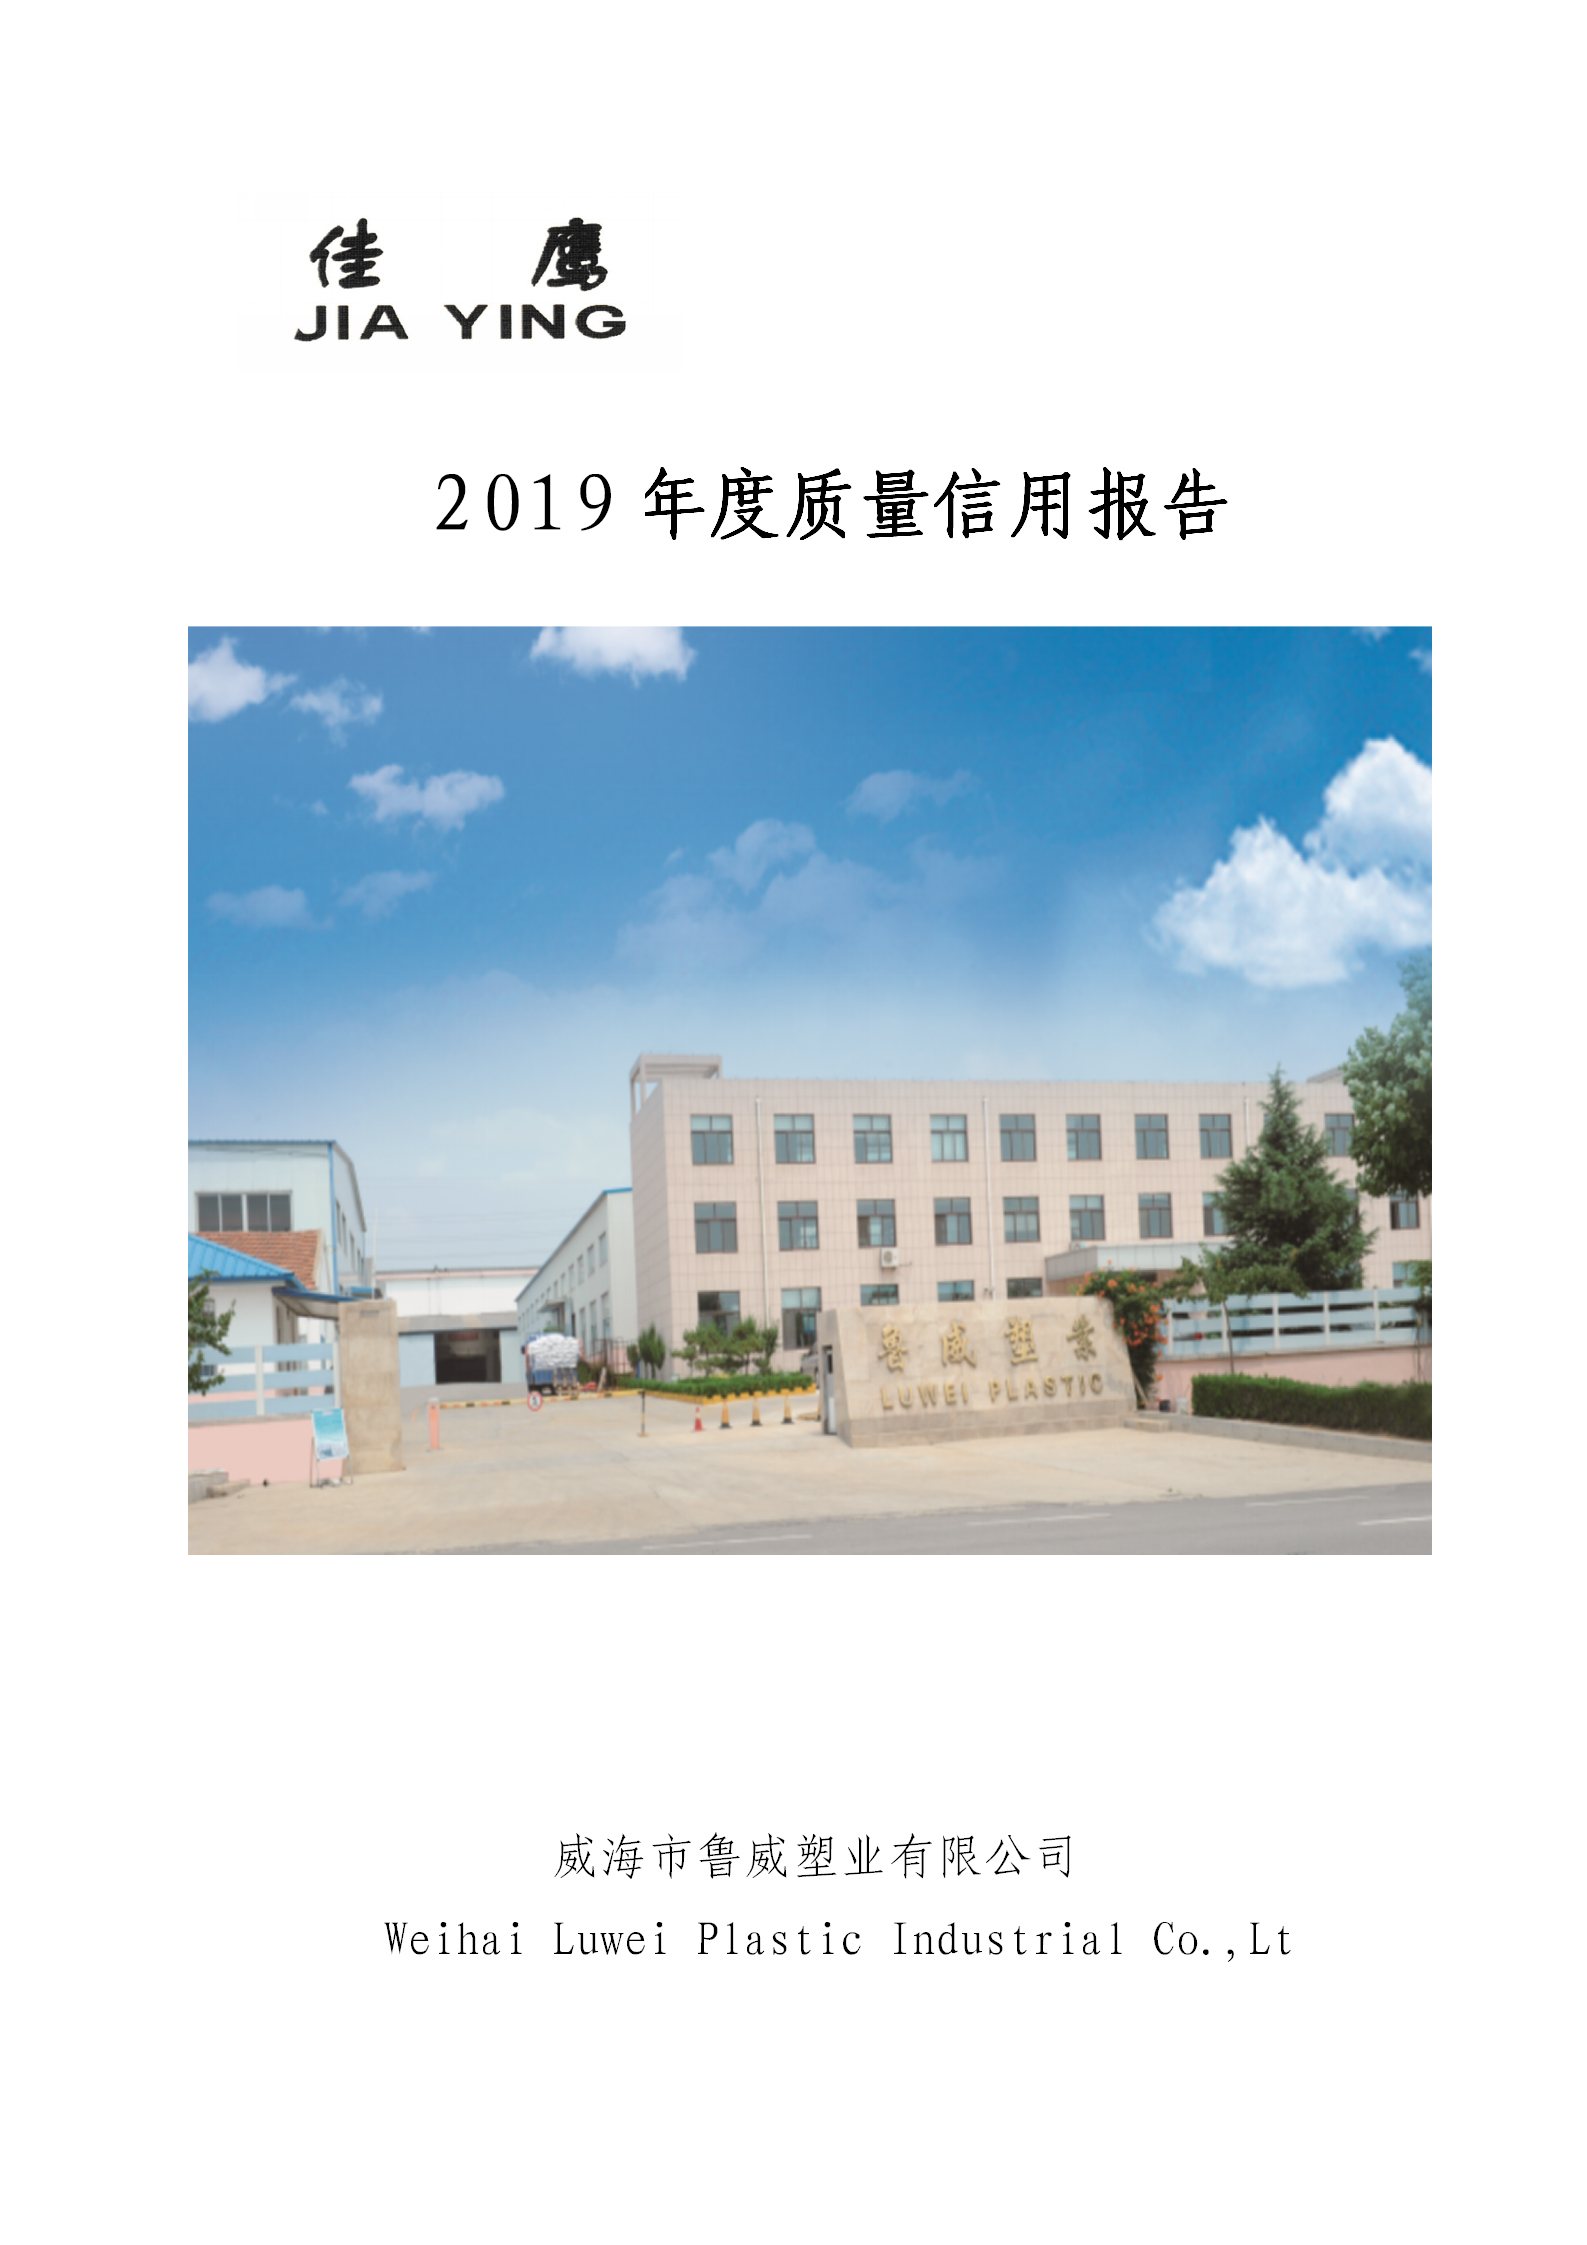 2019年度質量信用報告